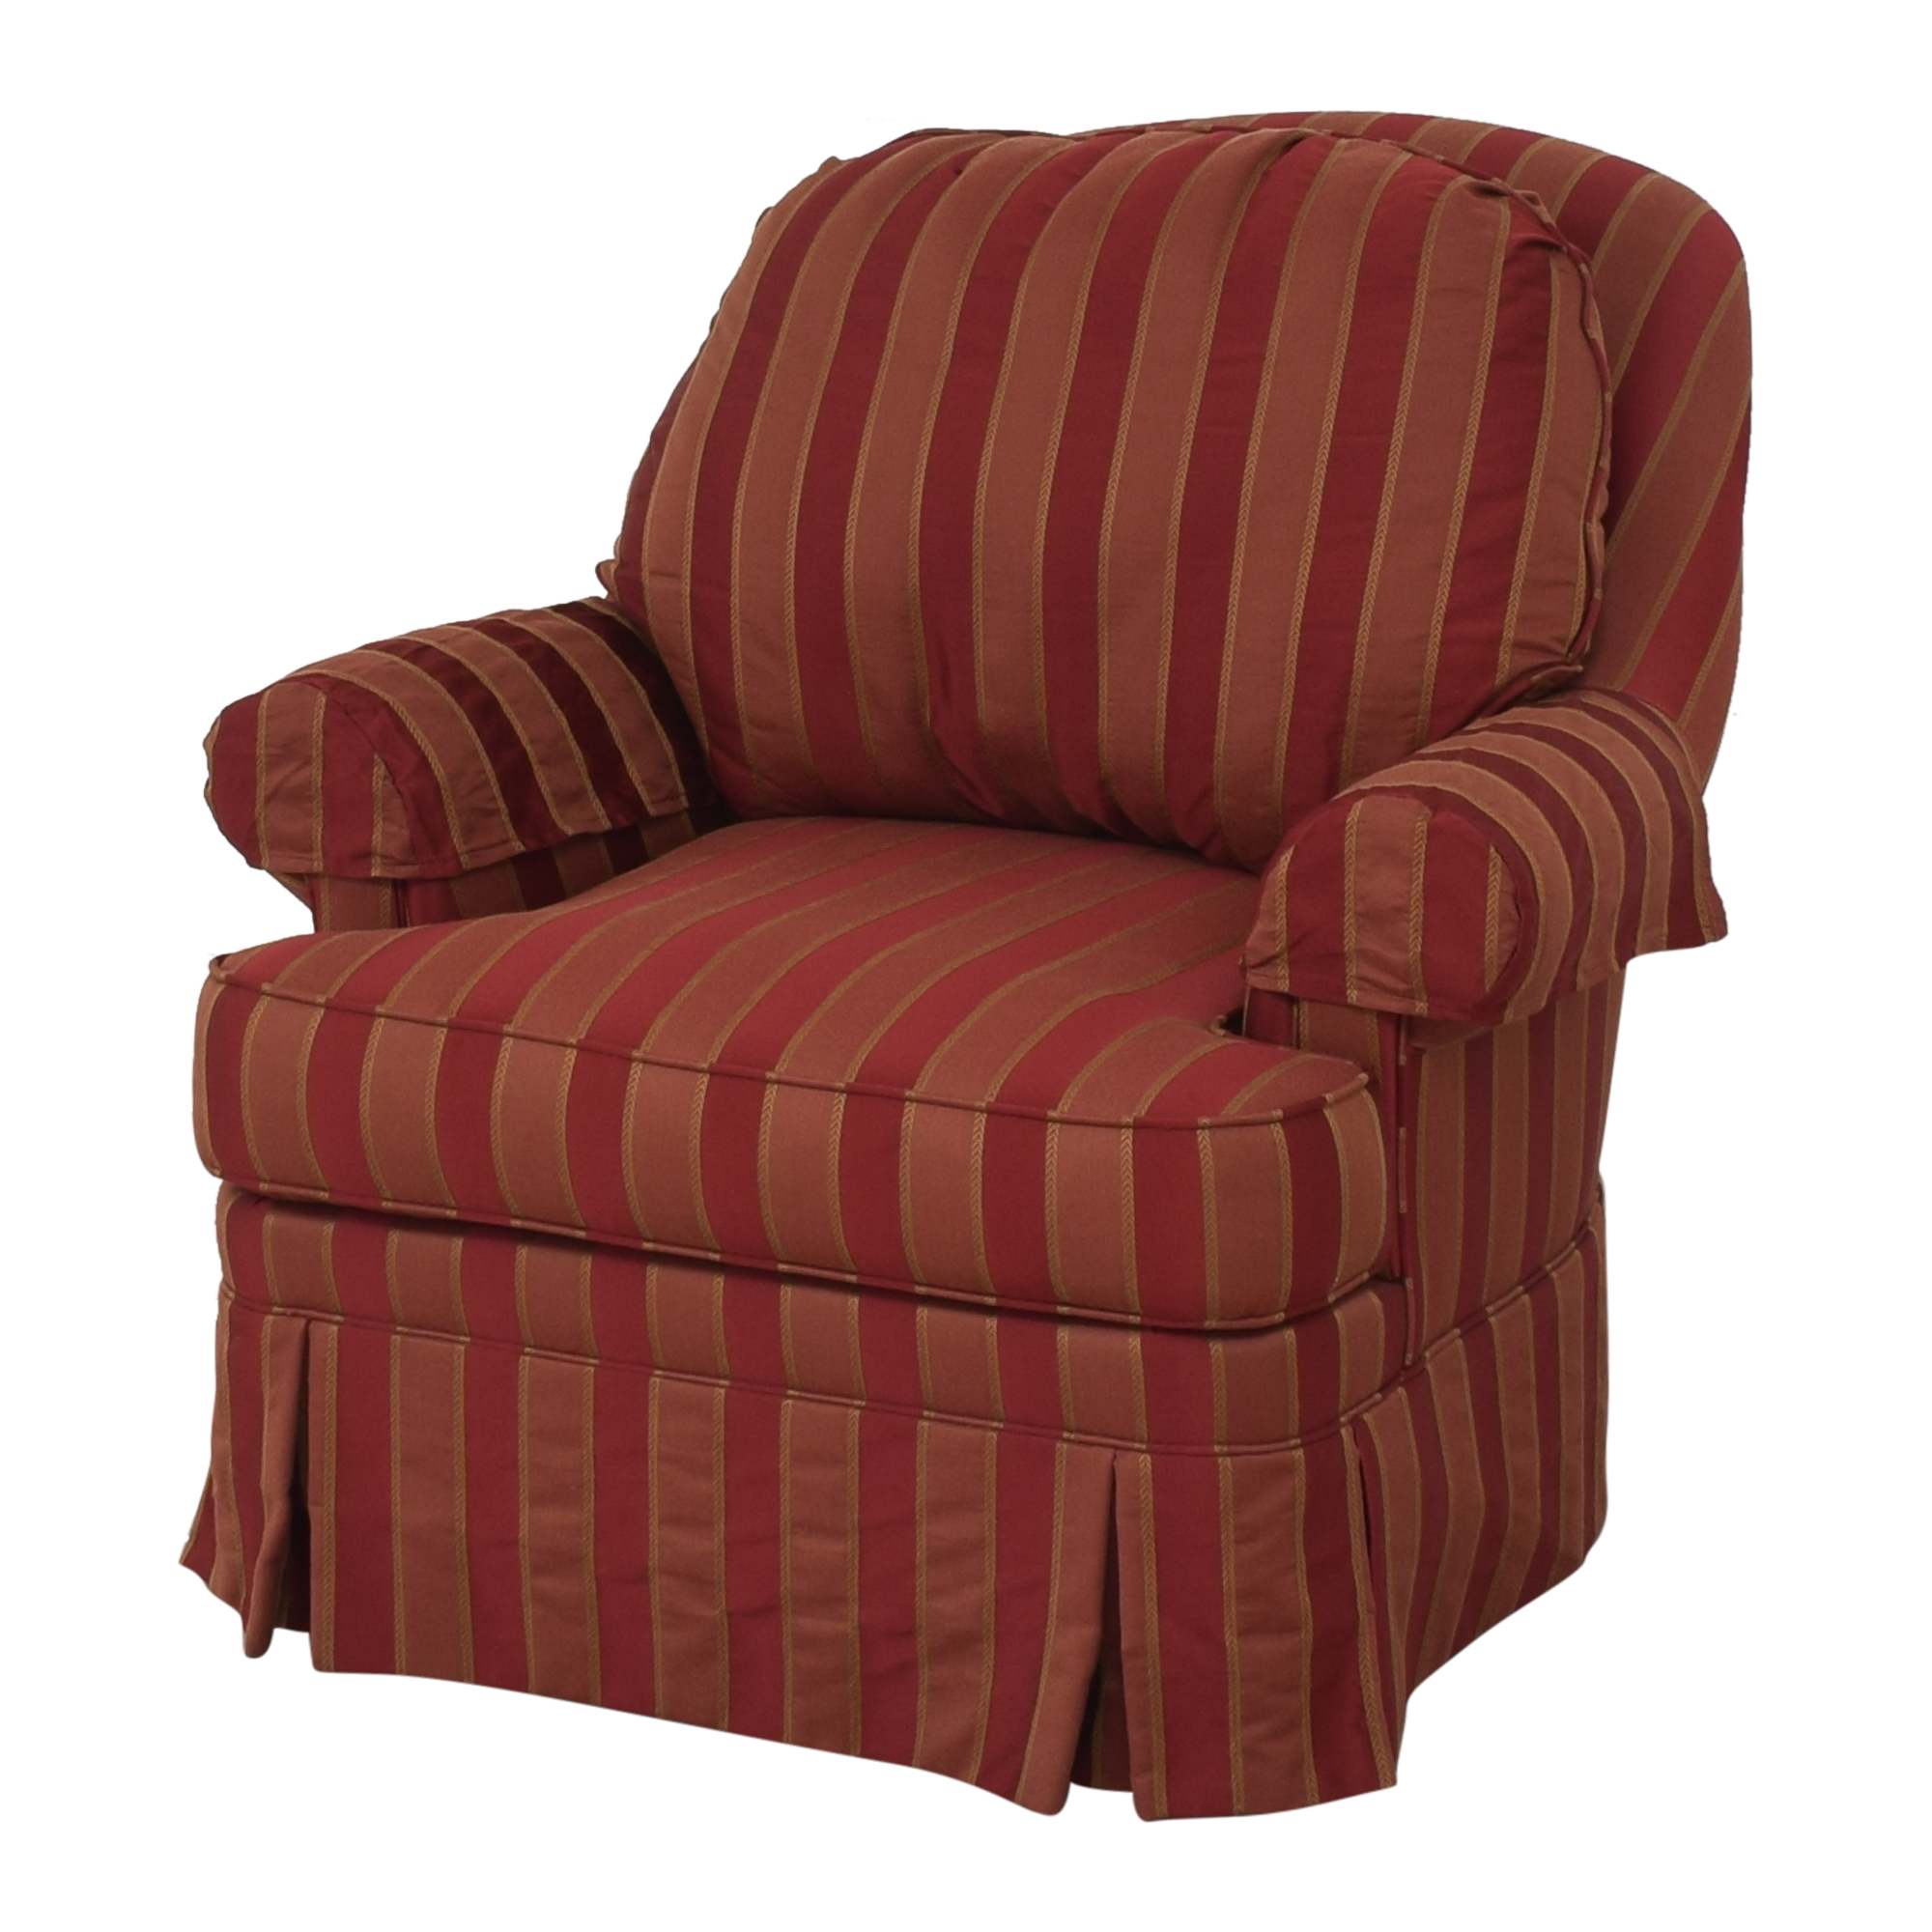 Ethan Allen Ethan Allen Skirted Swivel Chair Chairs